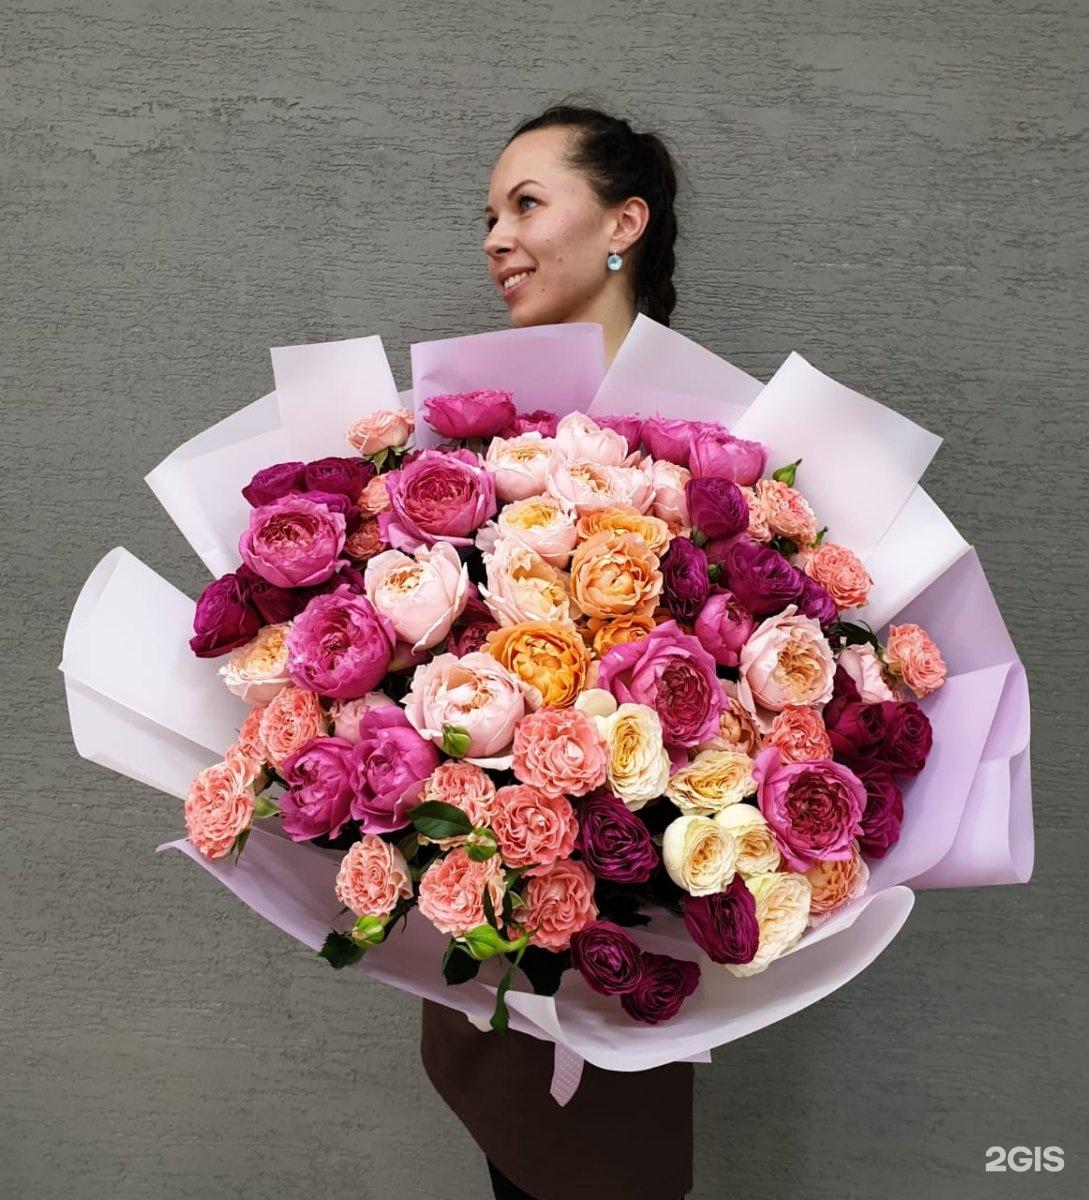 Роз, купить цветы иркутск круглосуточно дешево